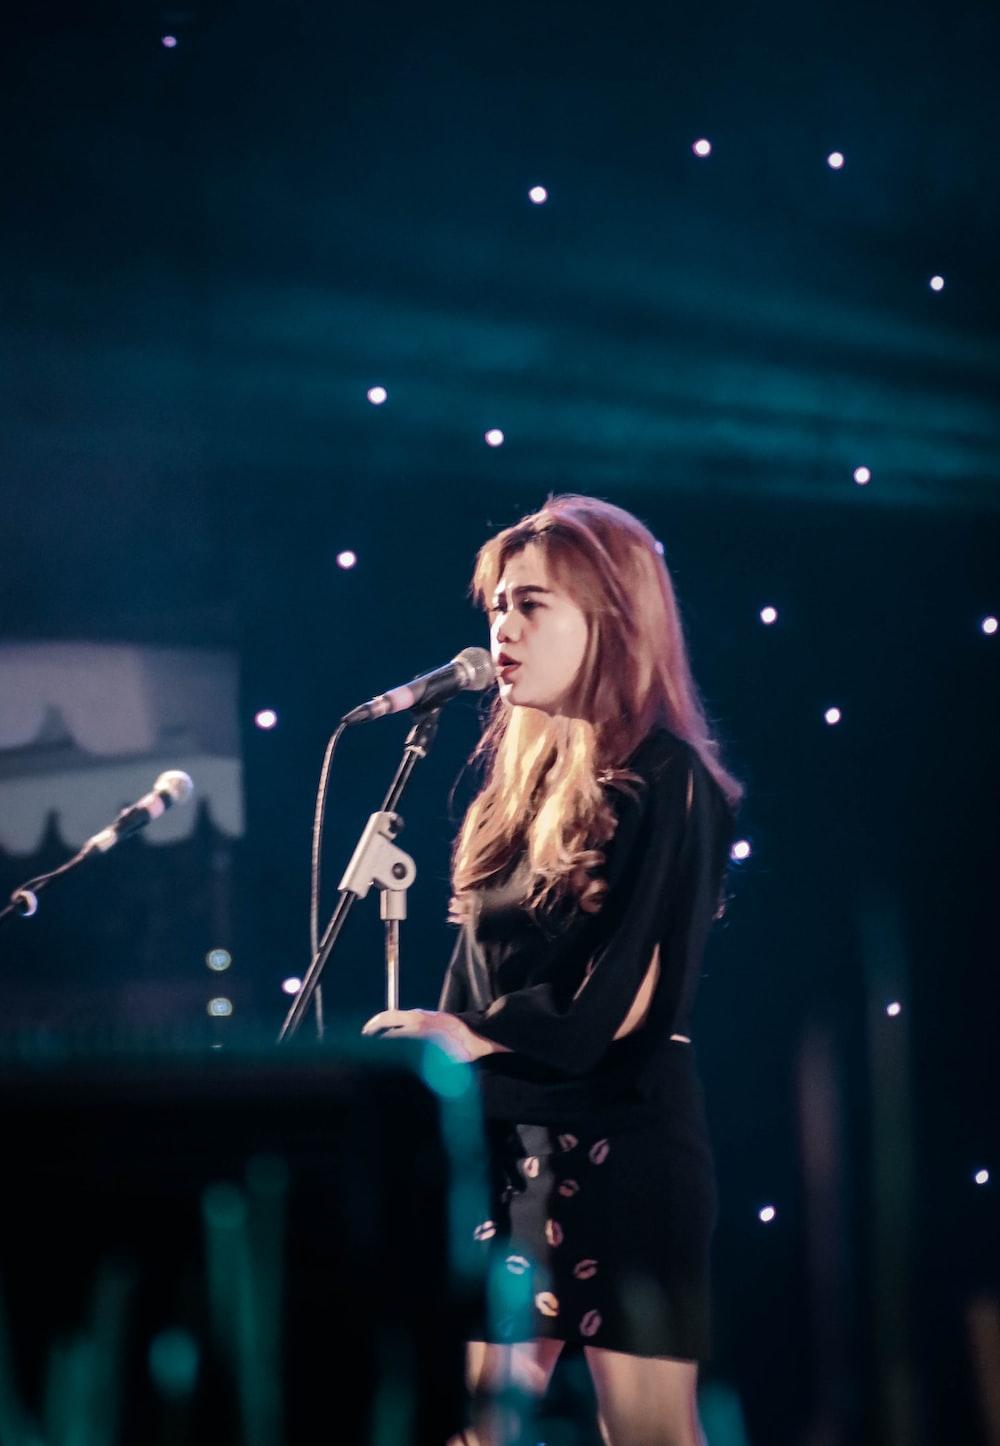 singing woman wearing black shirt